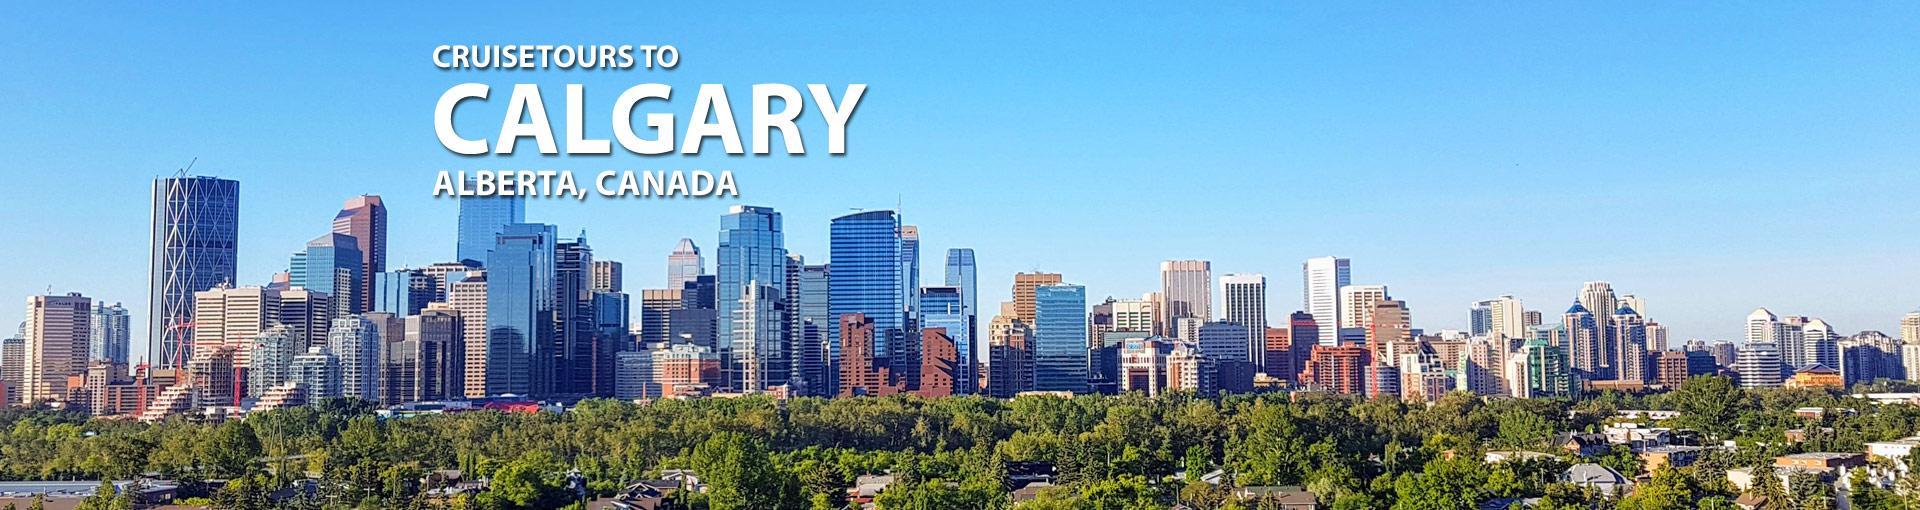 Cruisetours to Calgary, Alberta